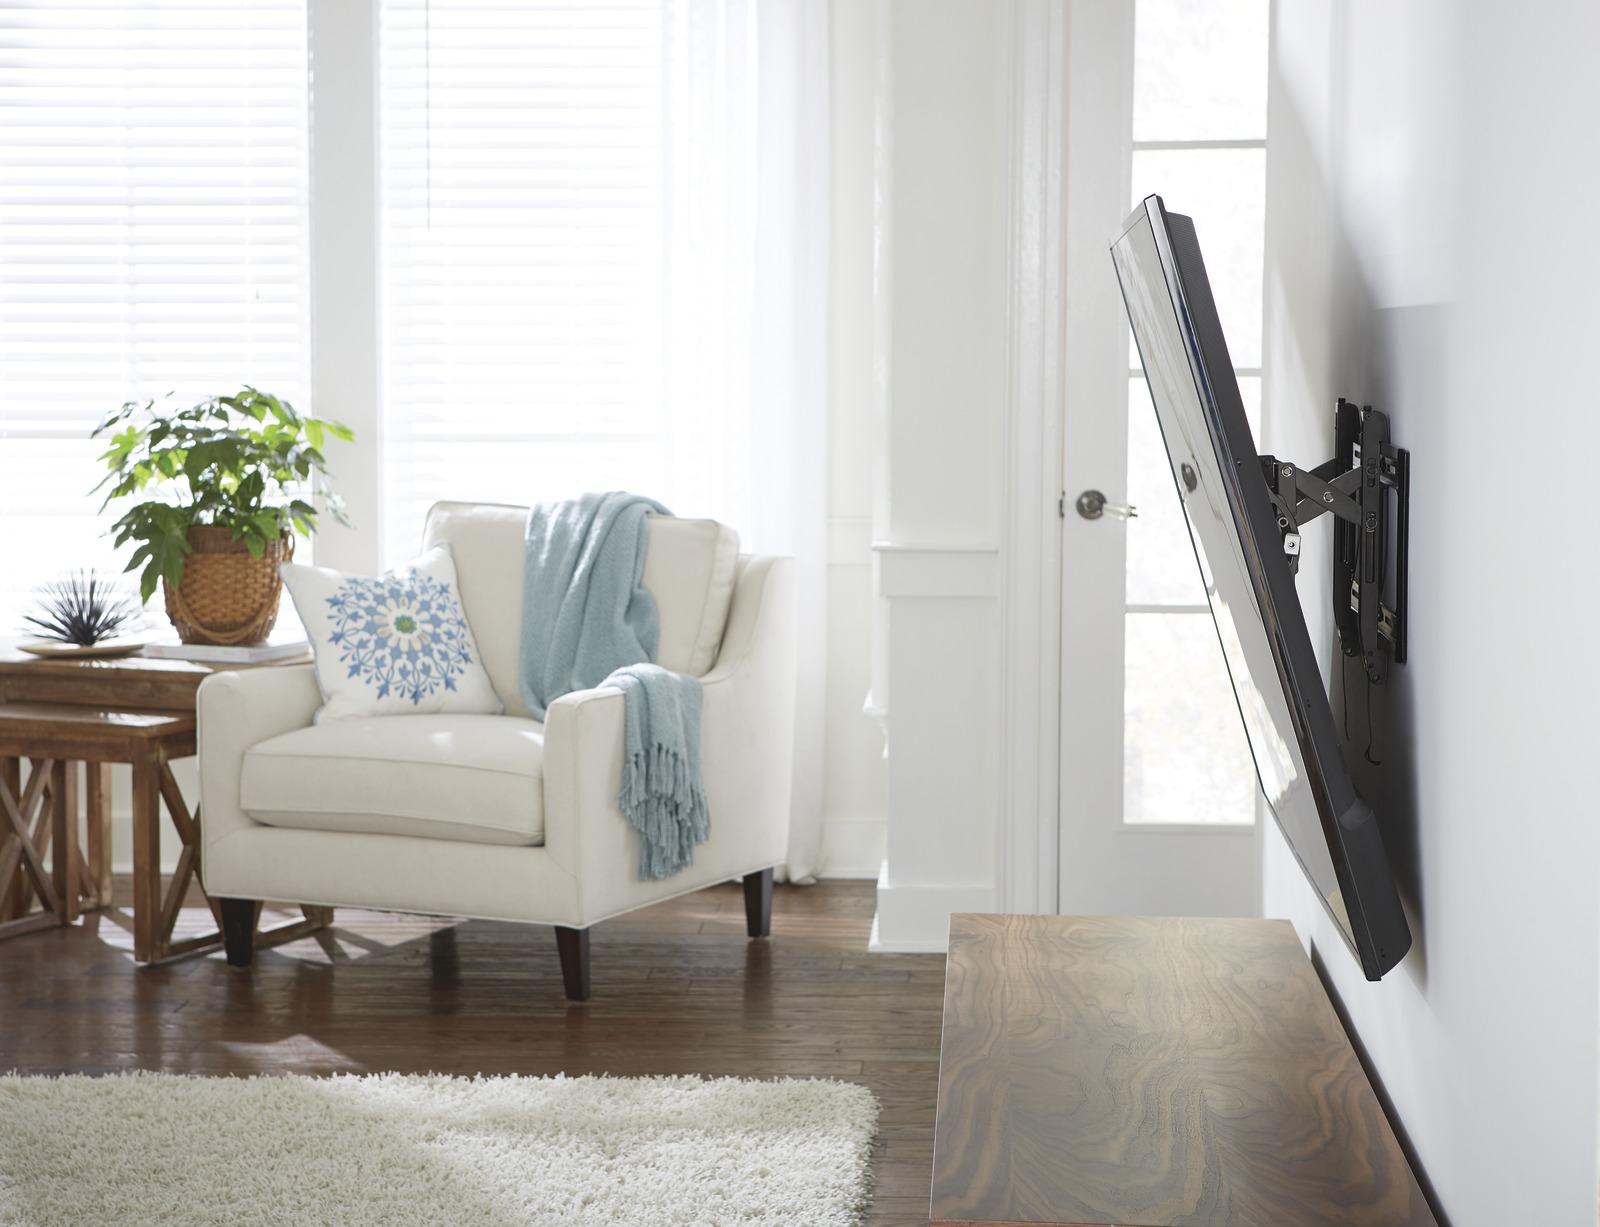 SANUS VLT6 tilting TV mount